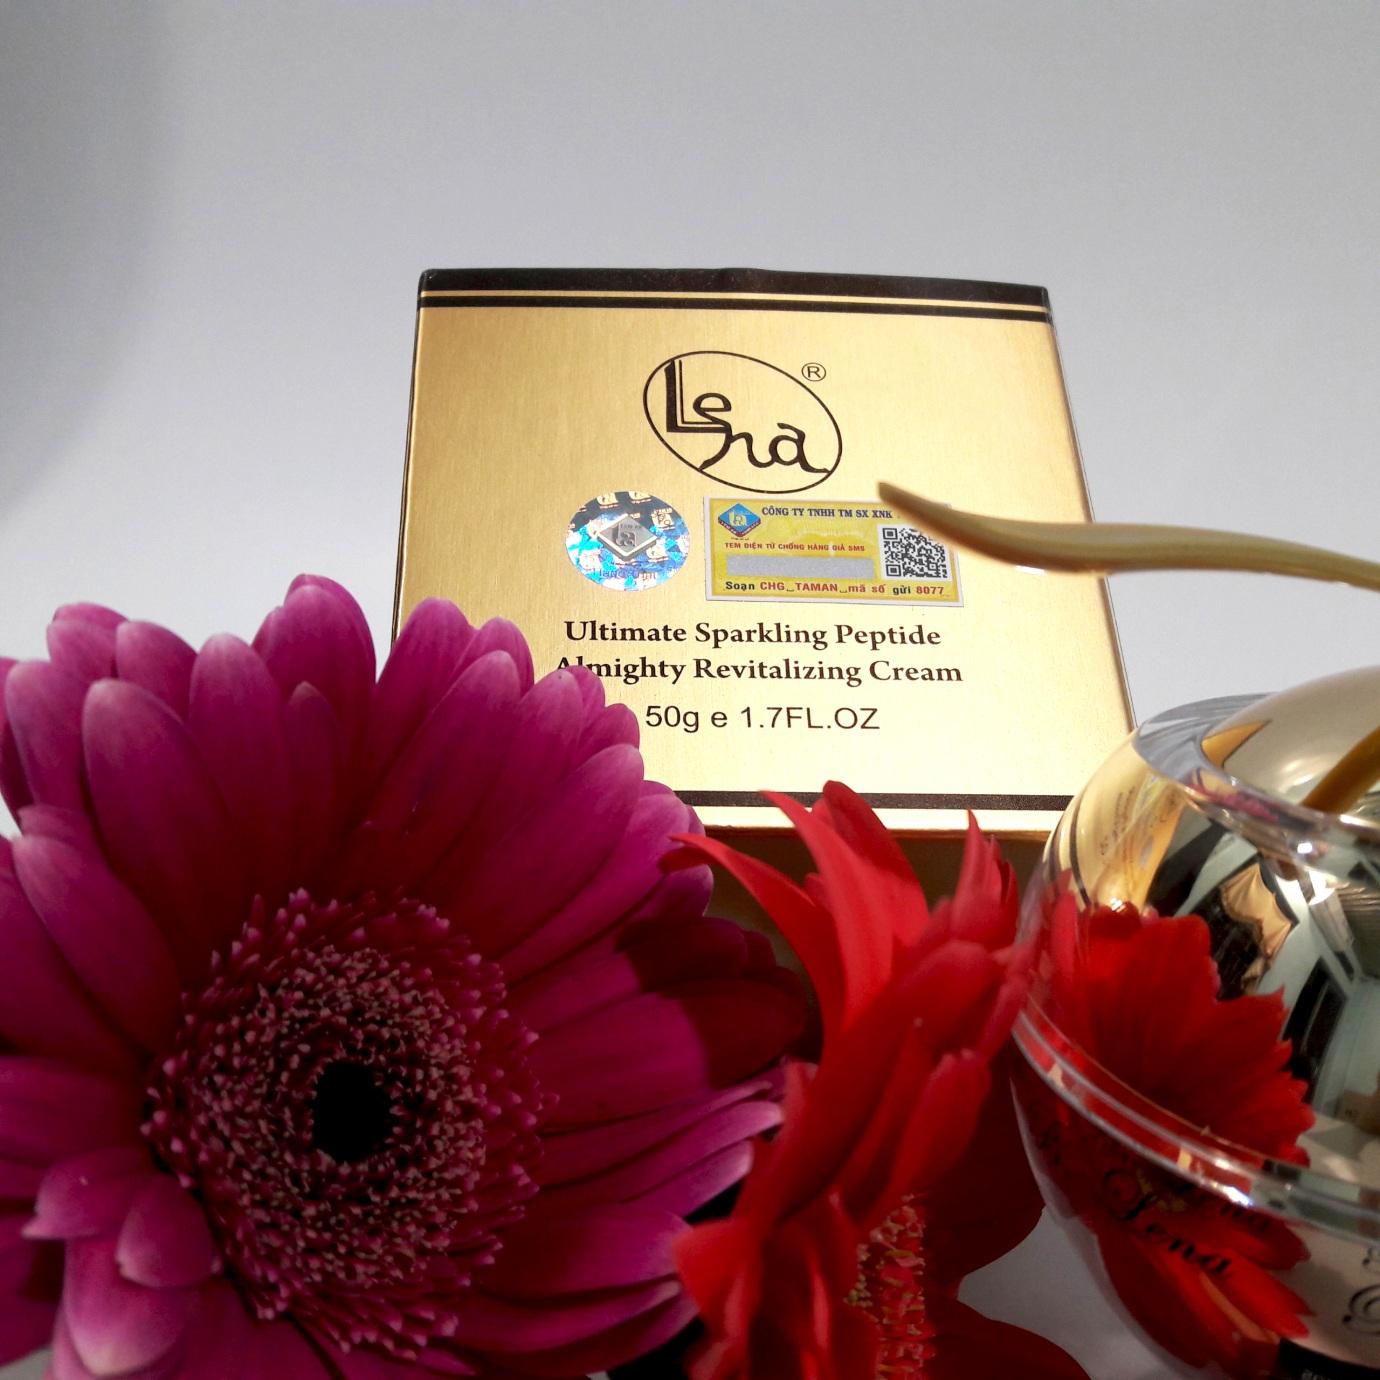 Khám phá nguồn nguyên liệu thiên nhiên của top 3 kem dưỡng hoa hồng đen sáng giá hiện nay - Ảnh 5.